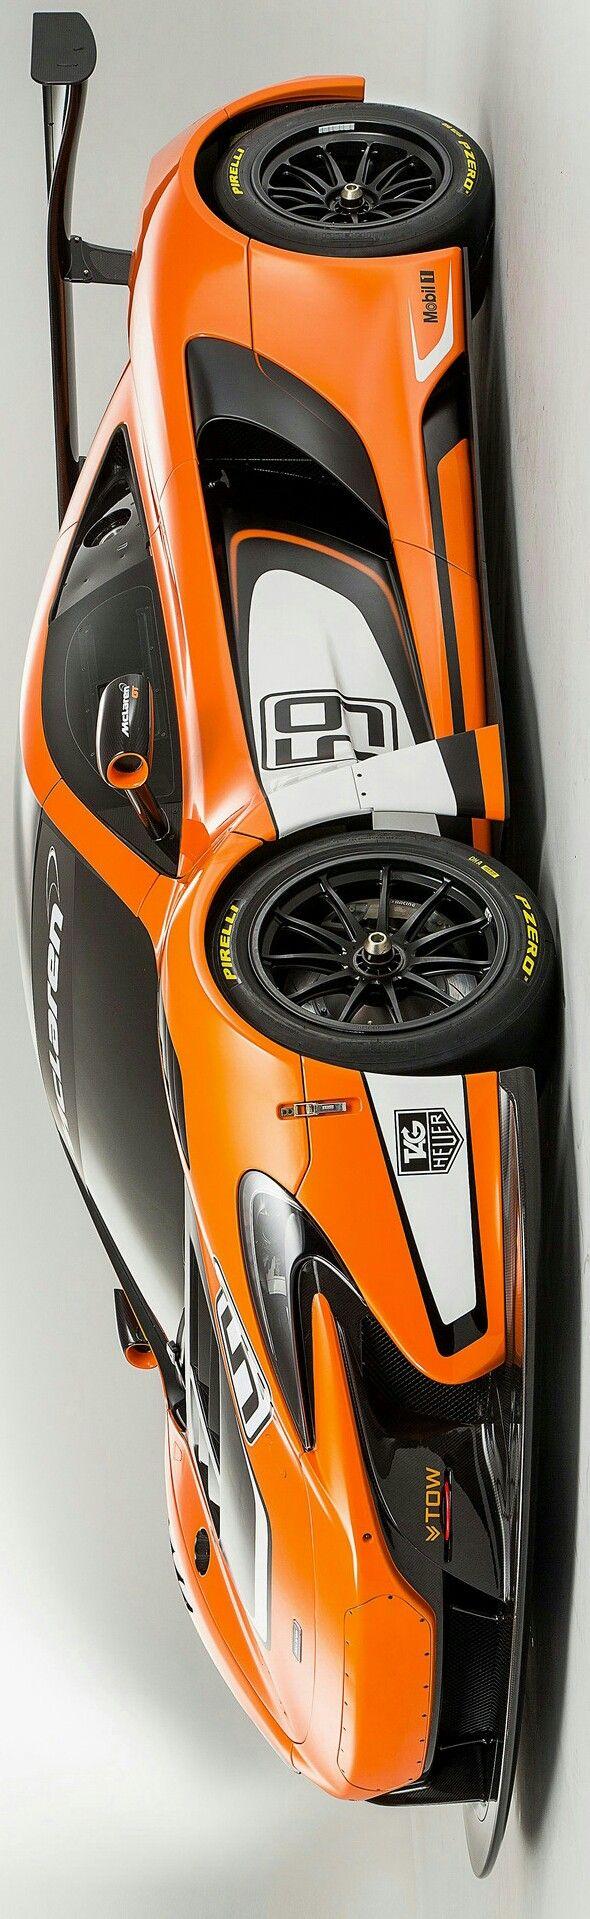 McLaren 650S GT3 by Levon http://www.buzzblend.com